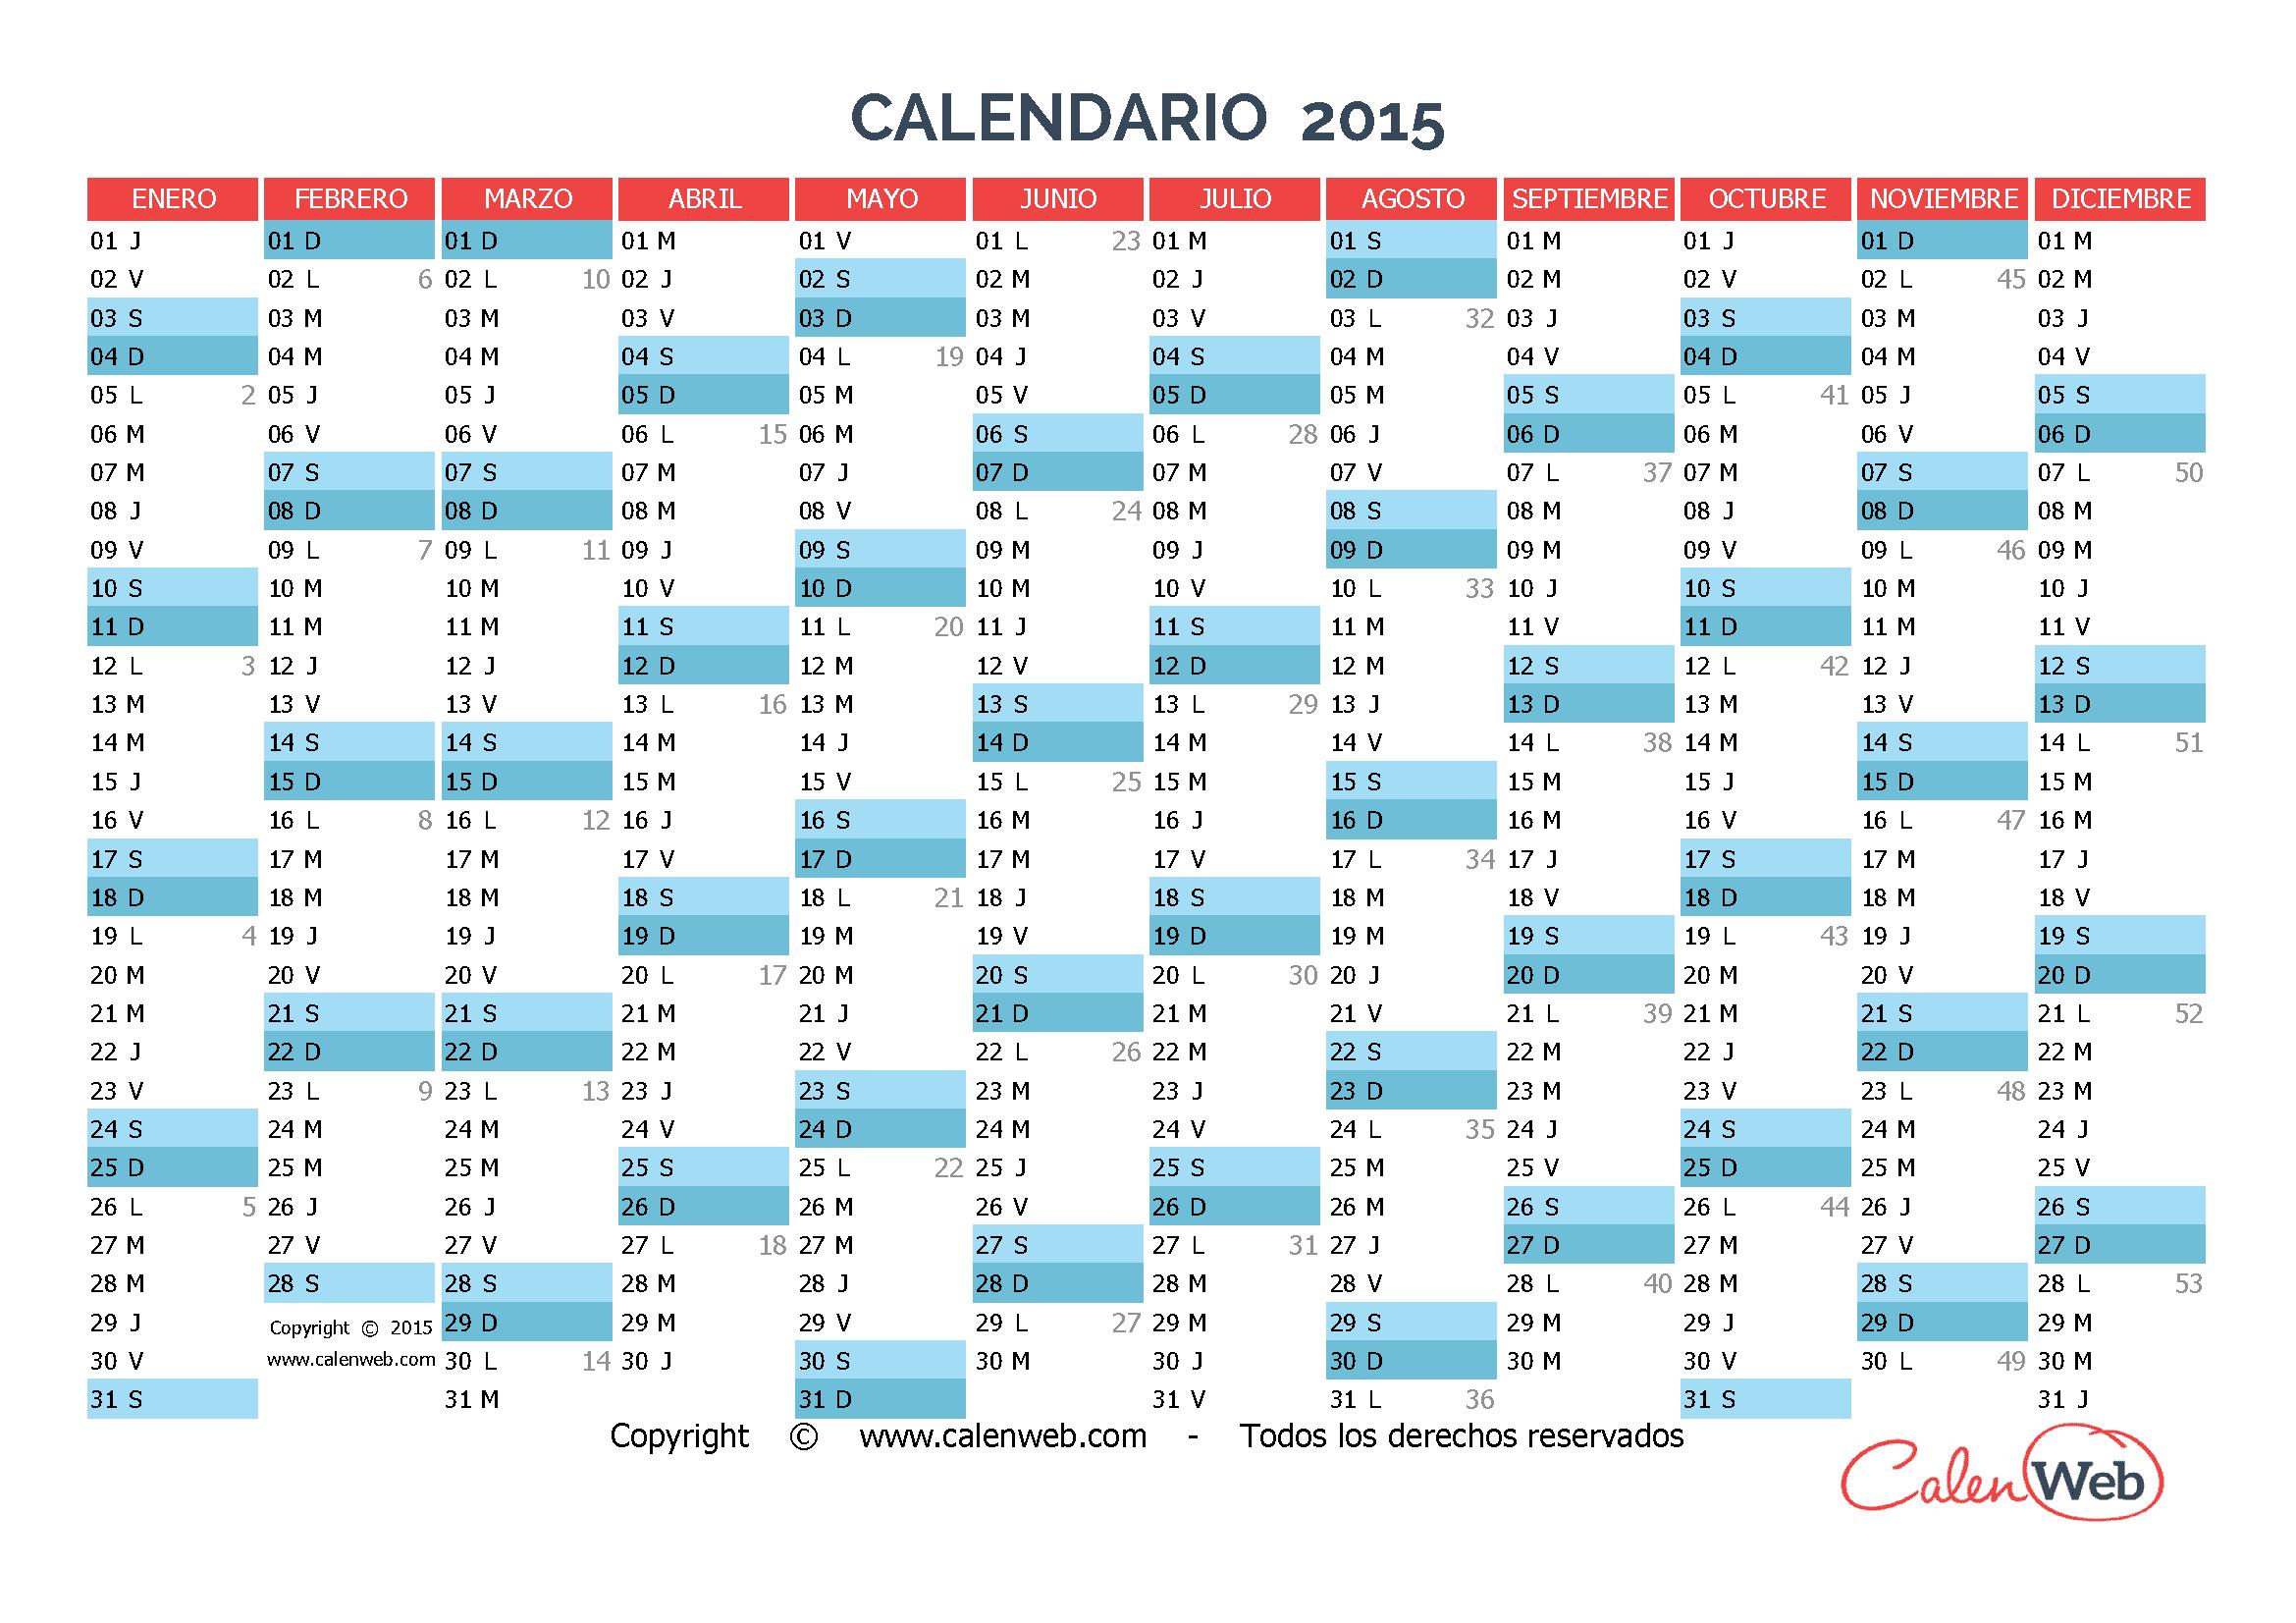 Calendario anual de 2015 a varios colores